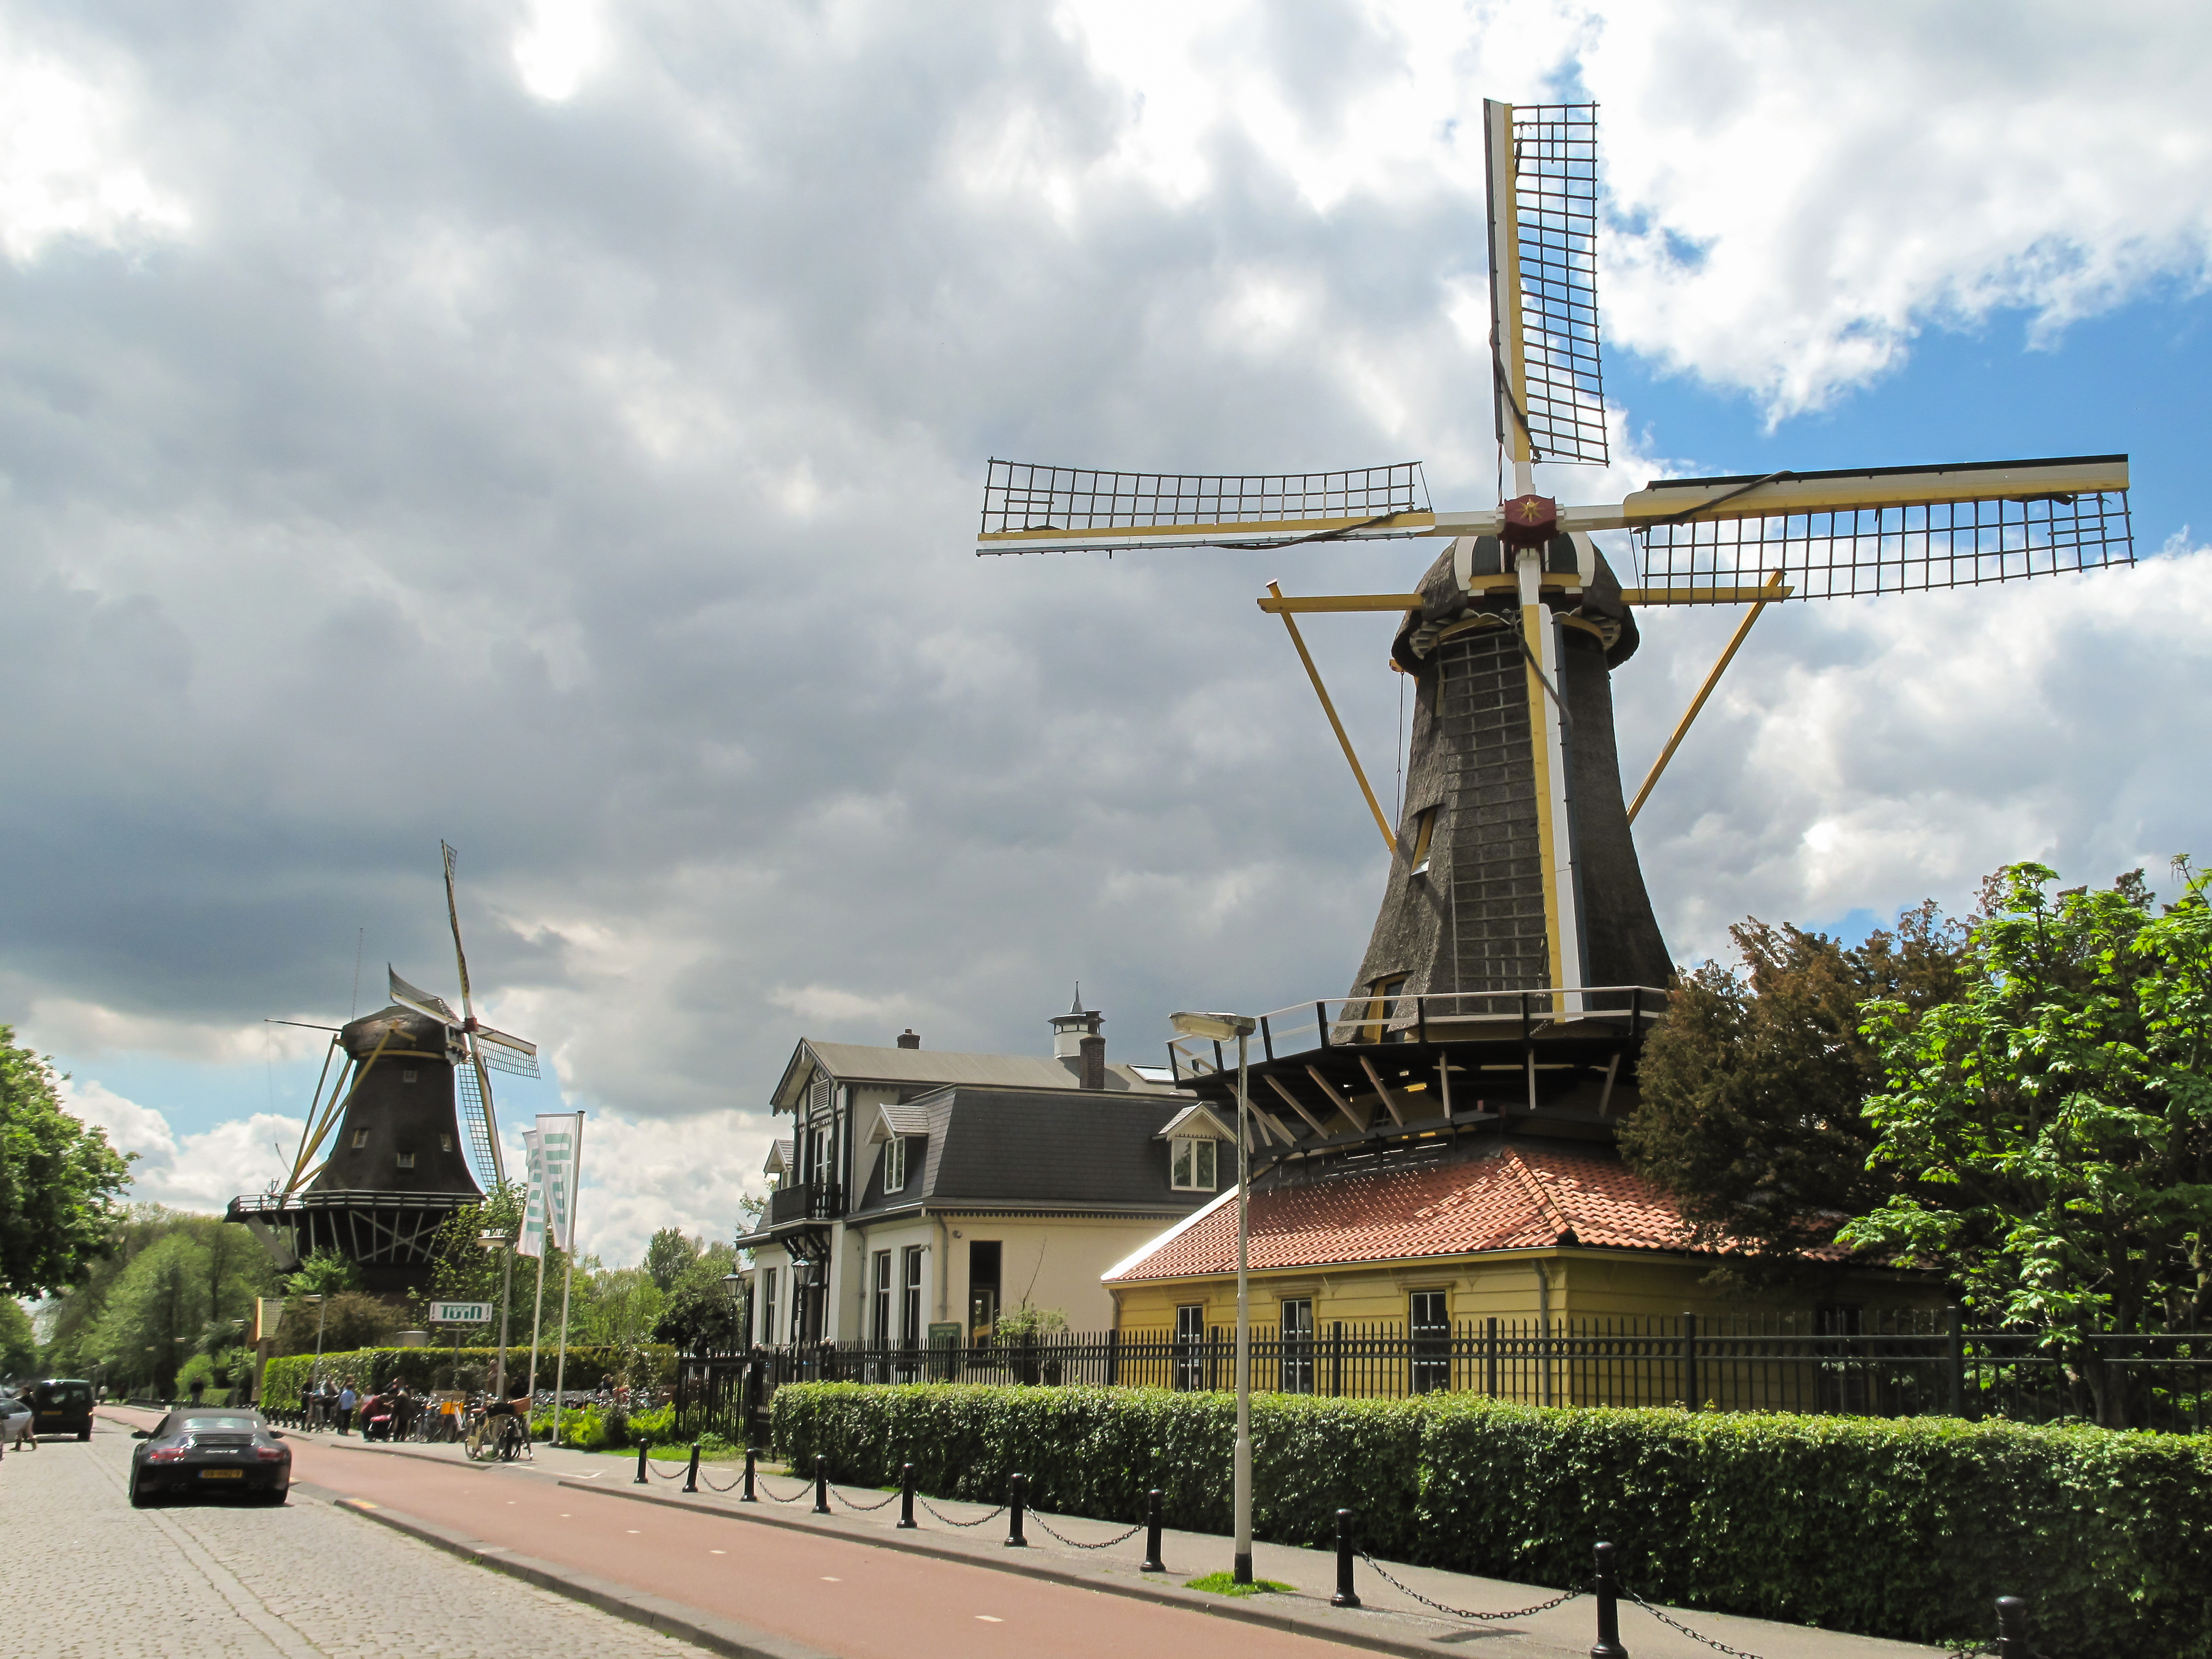 Bestand:Rotterdam-Kralingen, de twee molens bij de Kralingse Plas ...